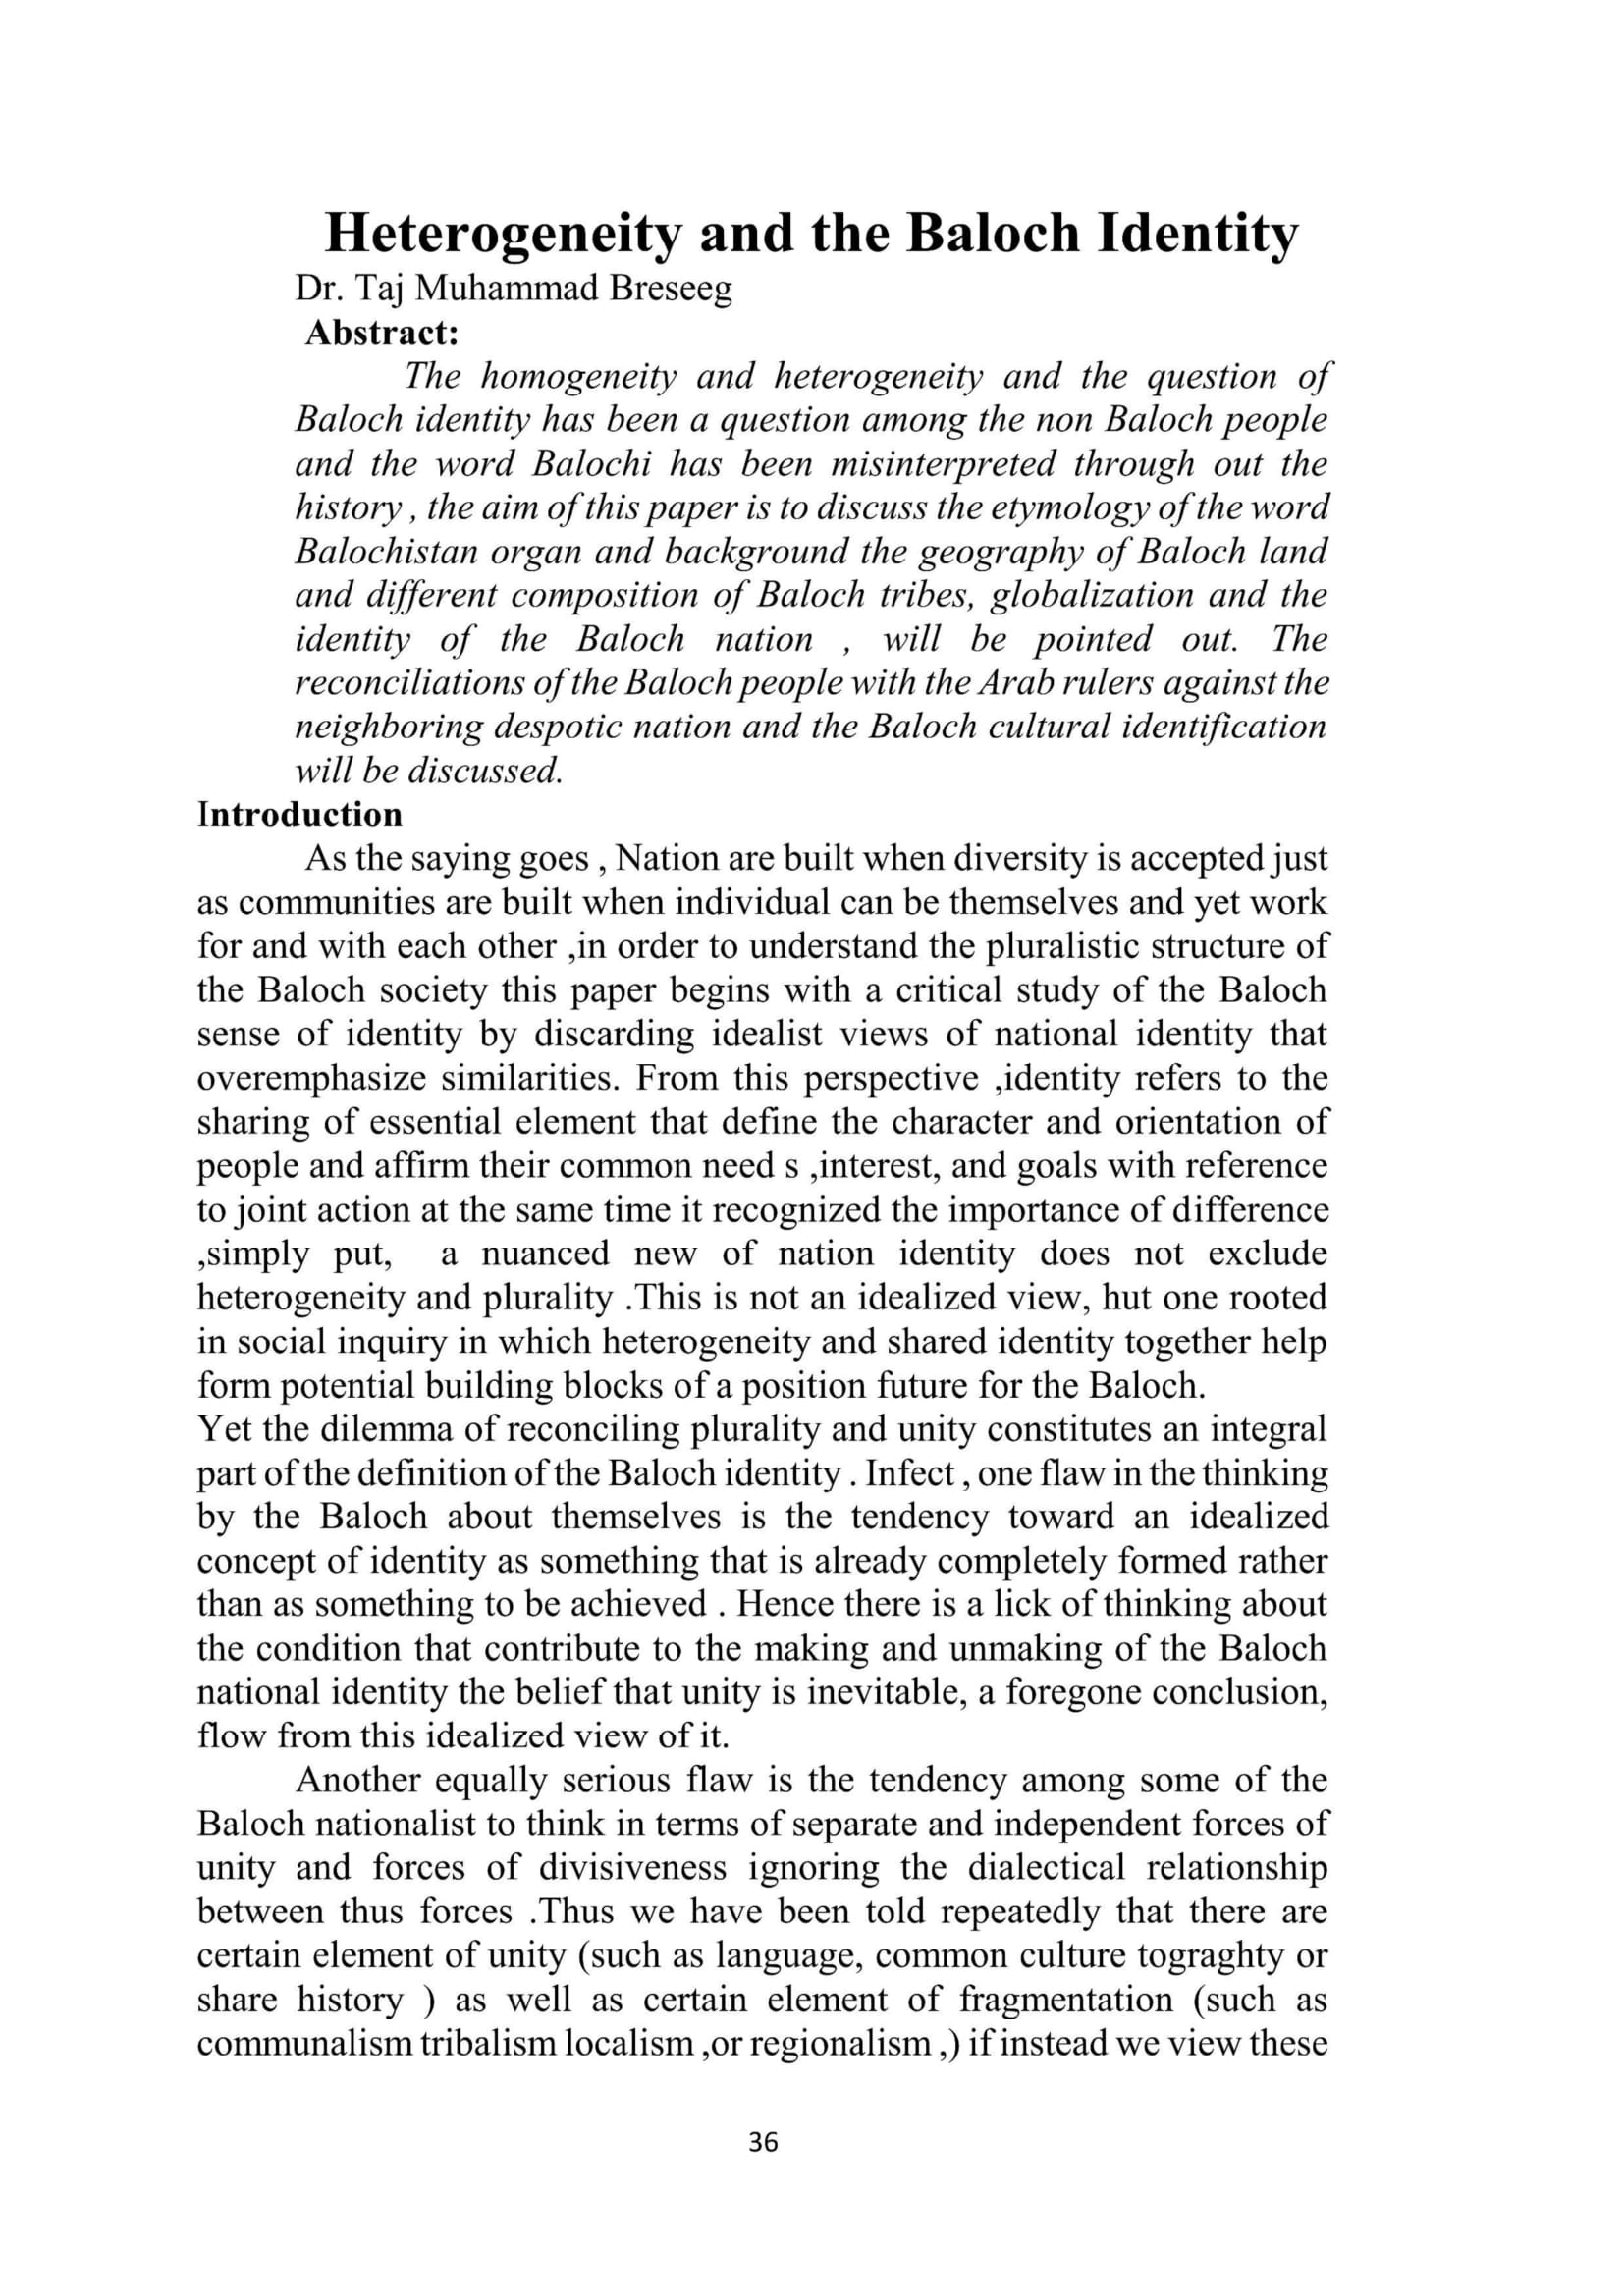 Heterogeneity and the Baloch Identity